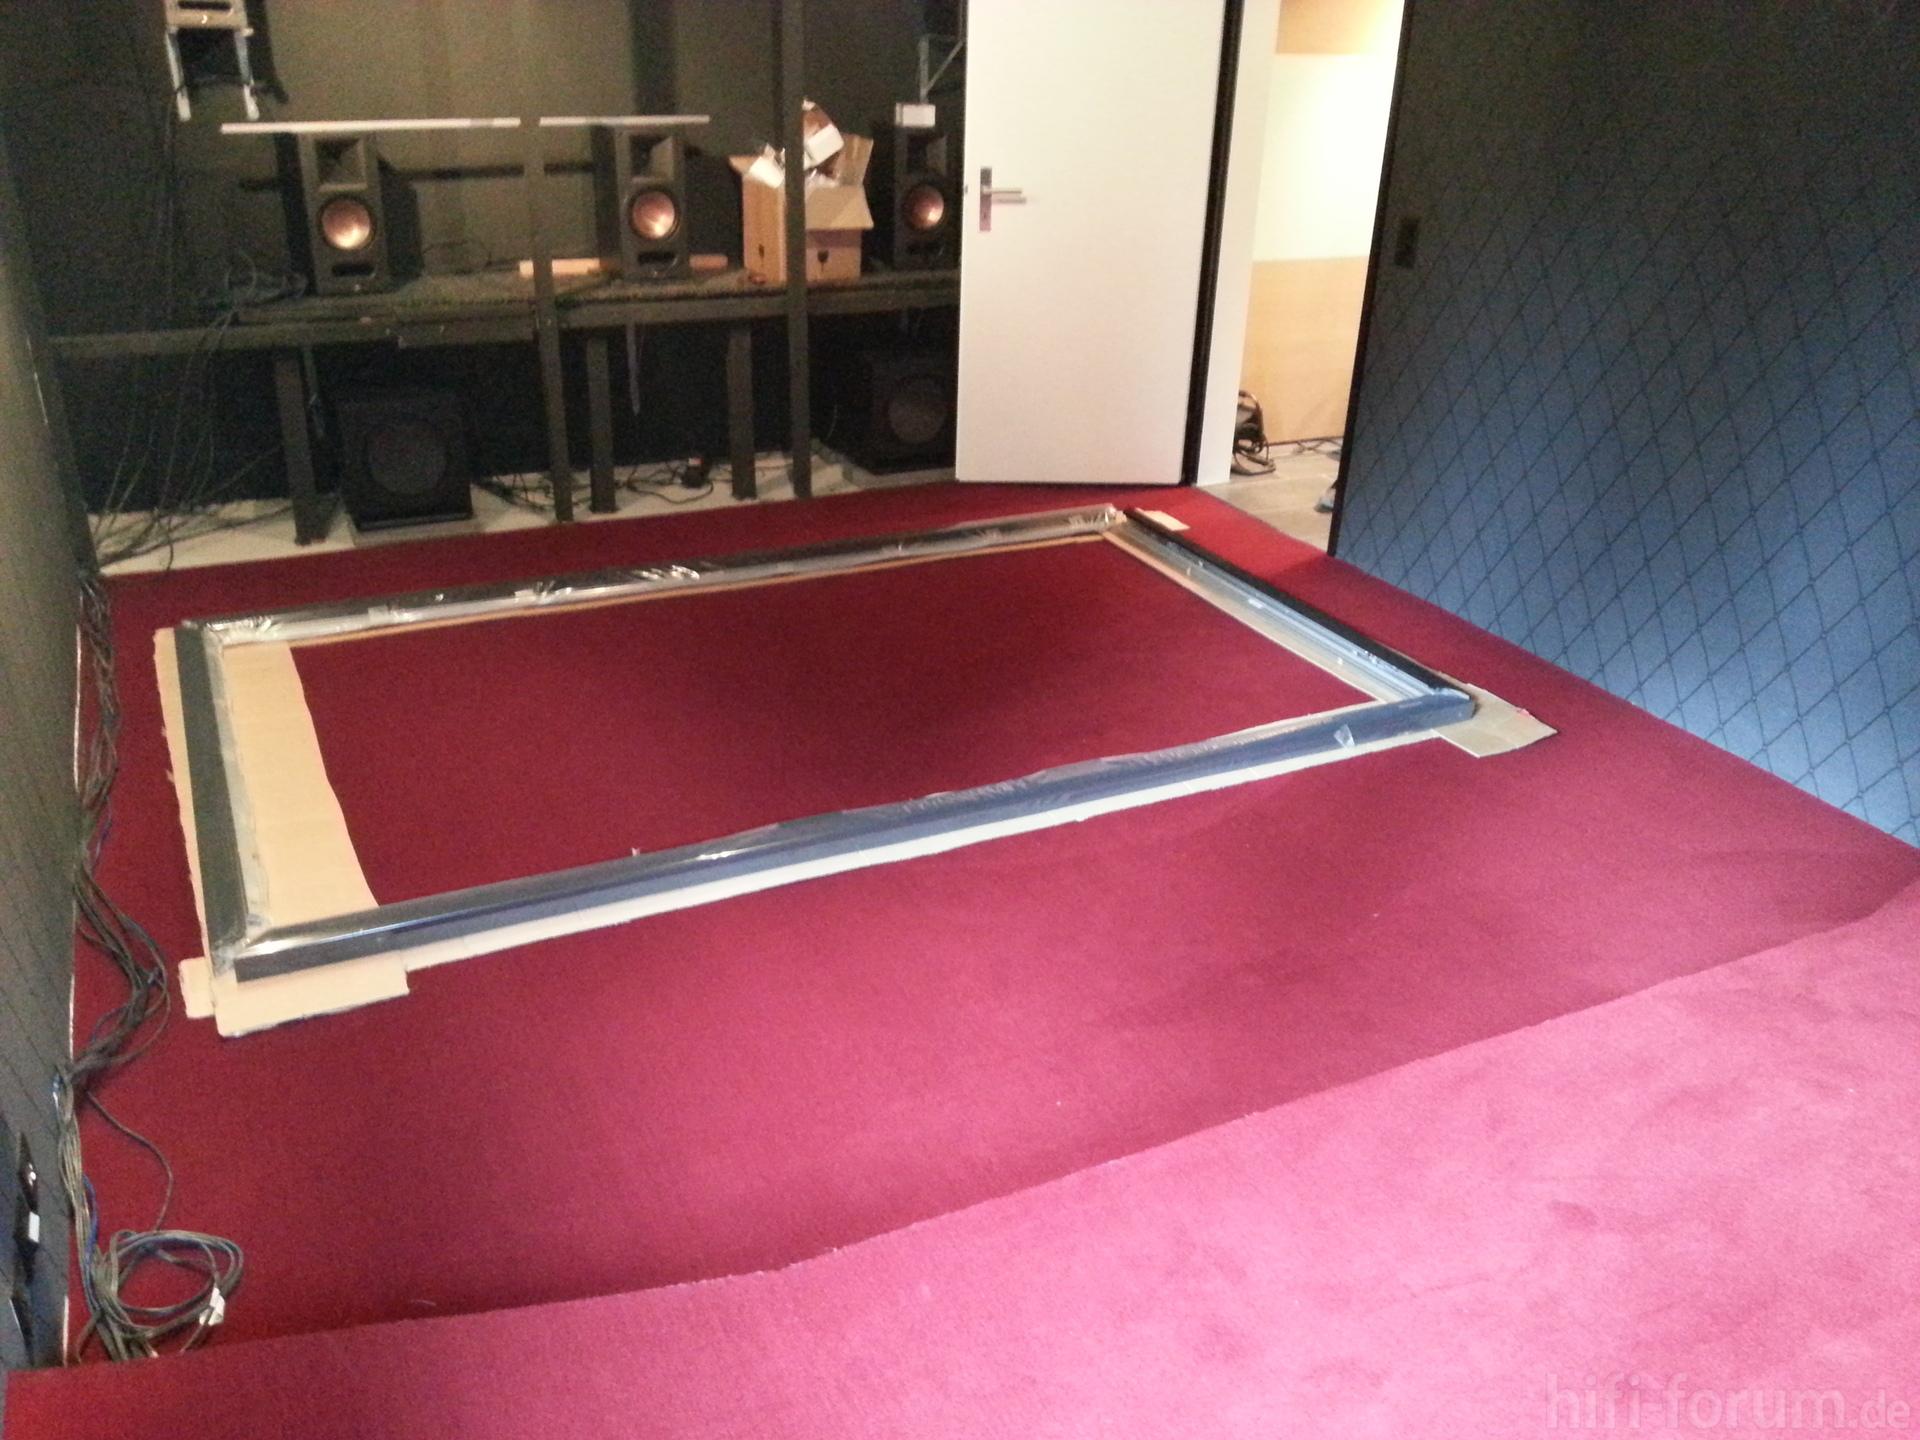 teppich abschlussleiste 12035020170816. Black Bedroom Furniture Sets. Home Design Ideas